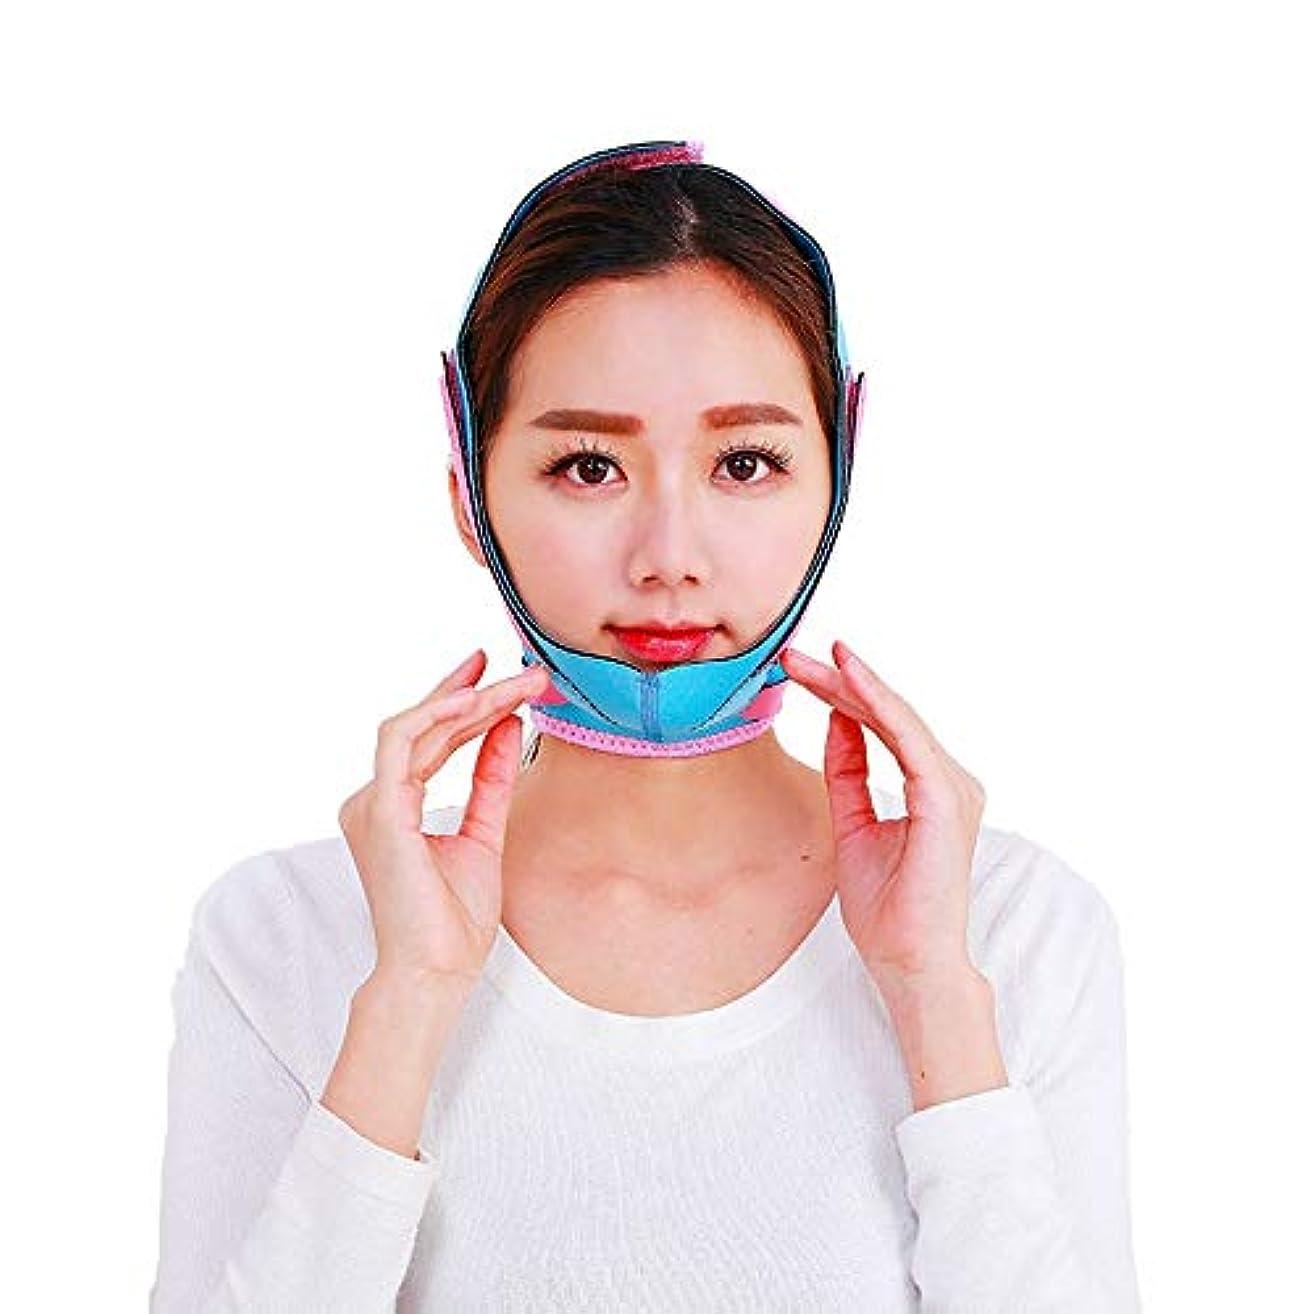 記憶旋律的アライメントJia Jia- フェイスマスクマスクスリムマスクリフティングコンターリリーフドループマッスル引き締め肌弾性Vフェイス包帯 顔面包帯